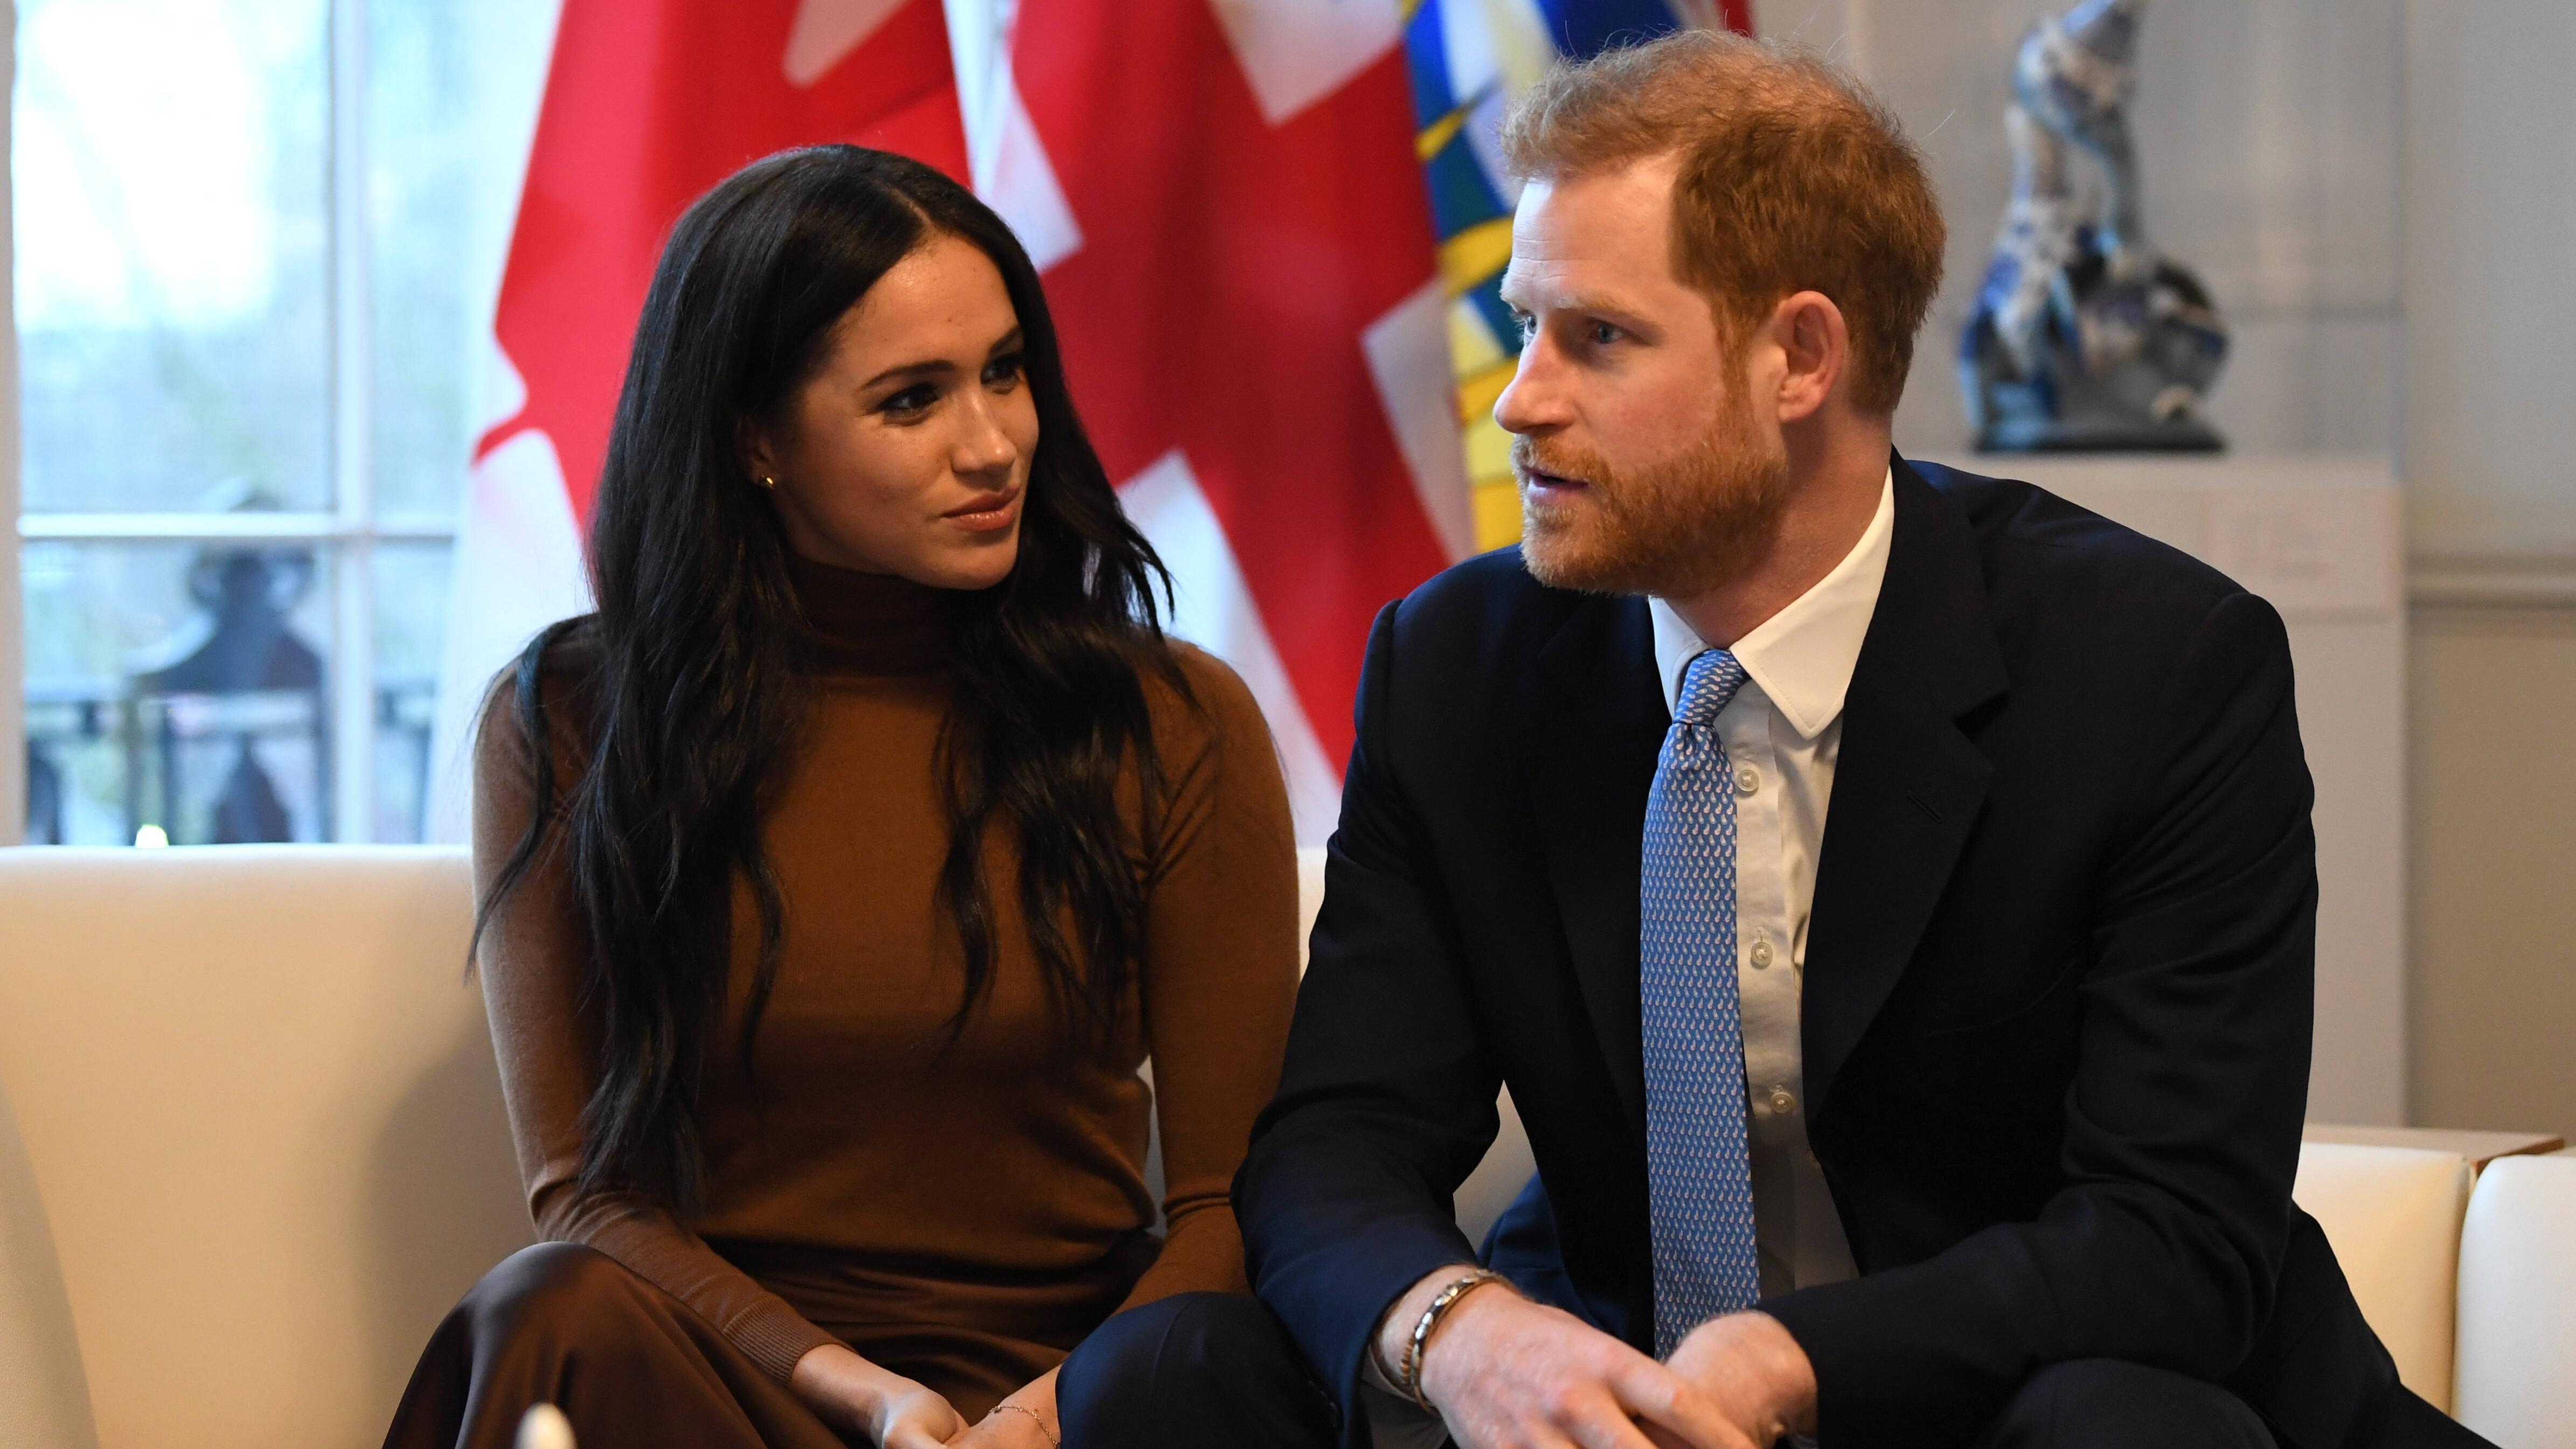 Renommierter Experte prophezeit Scheidung von Harry und Meghan